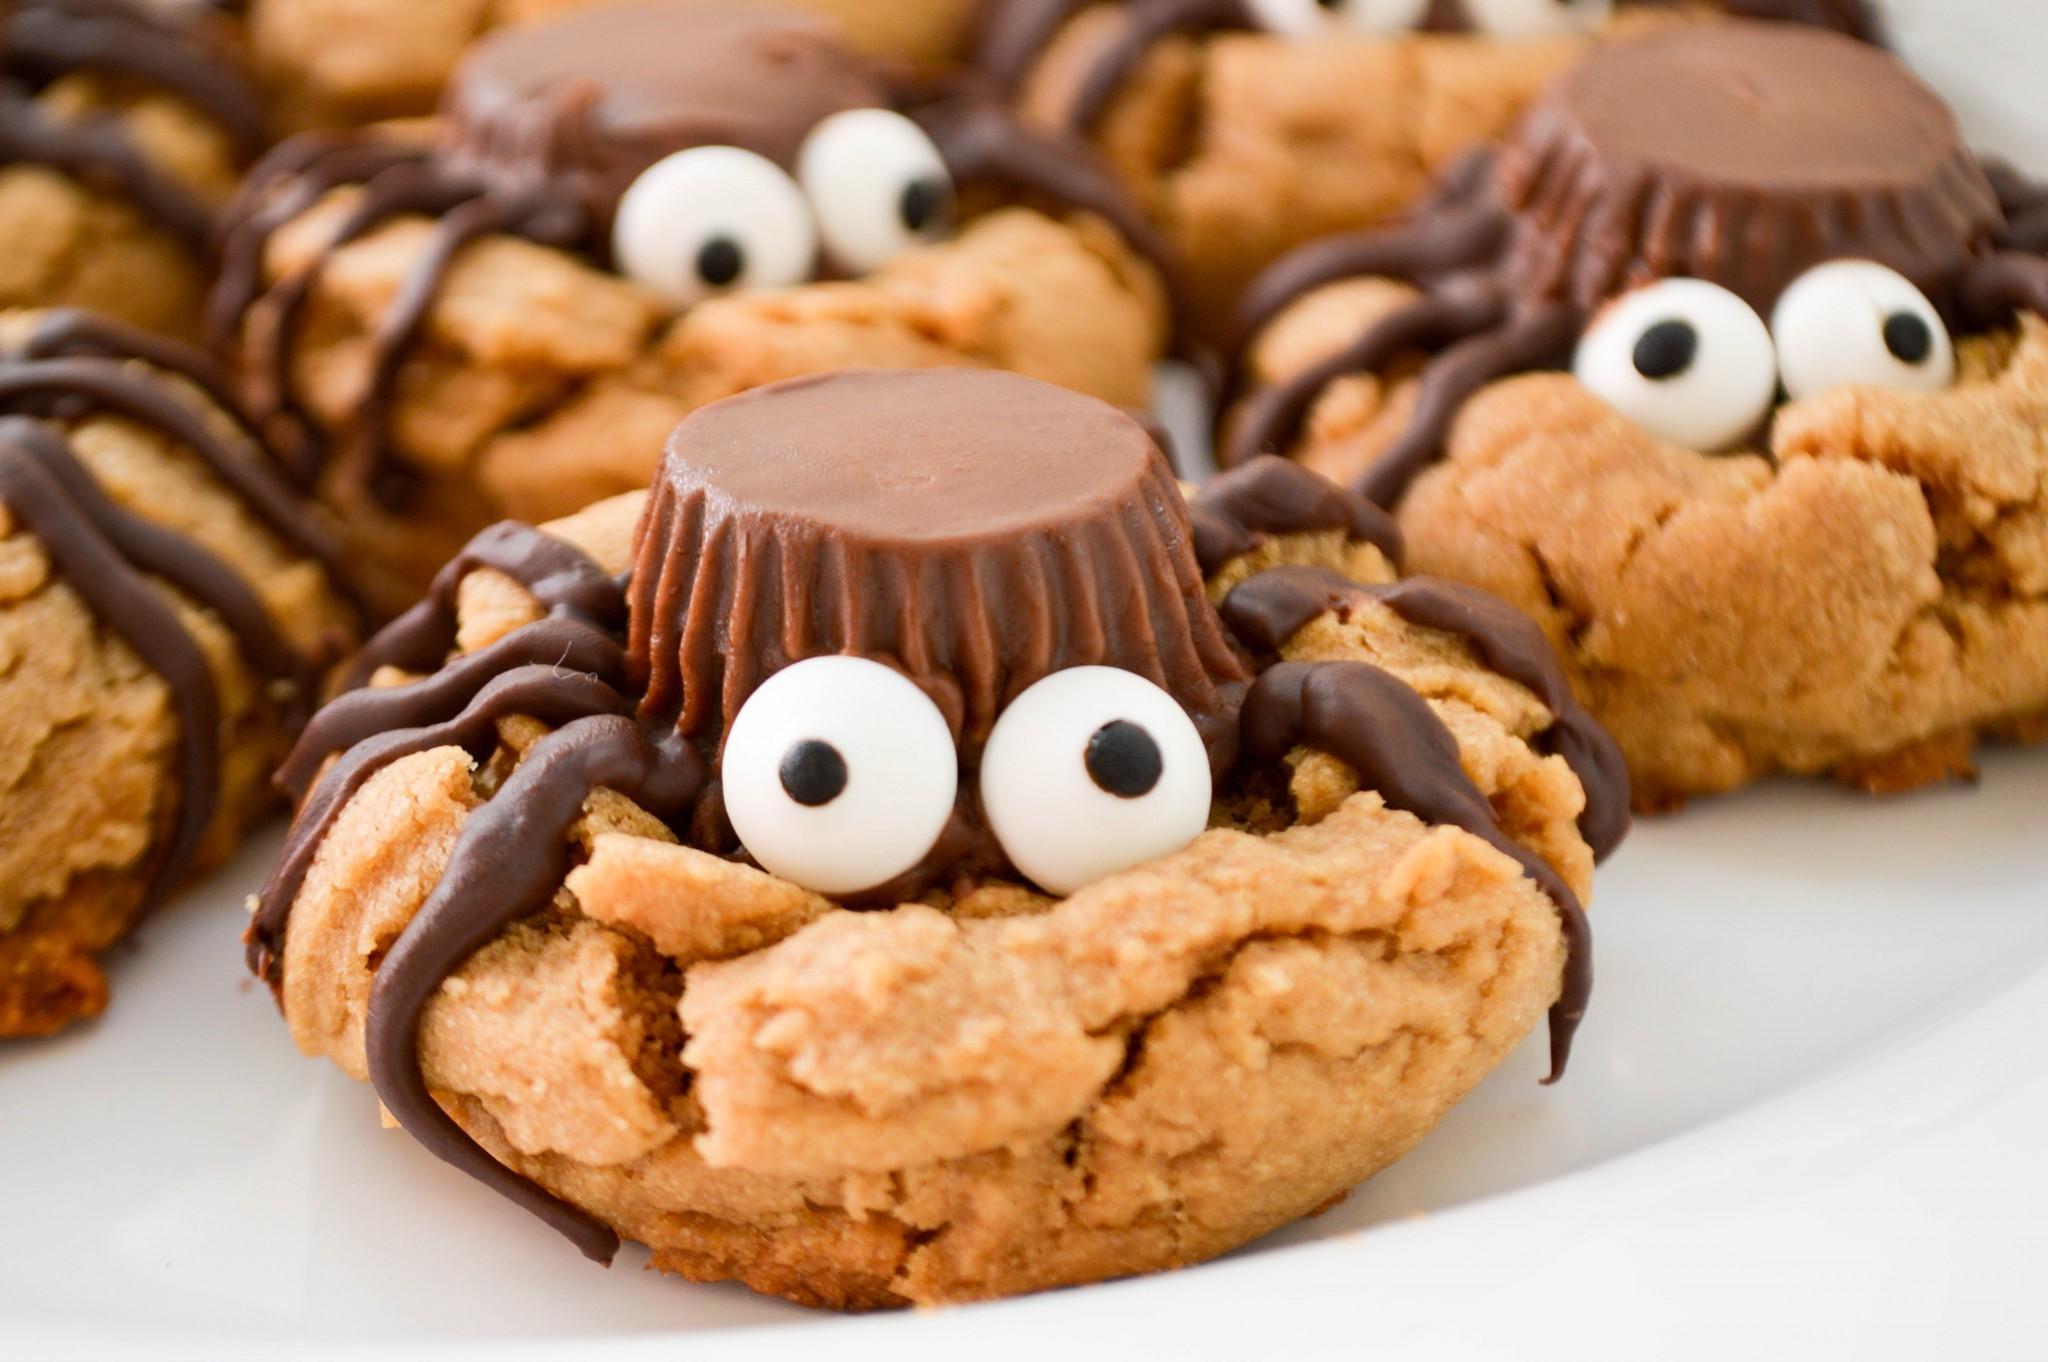 Si vous le souhaitez, vous pouvez créer vos propres cookies.